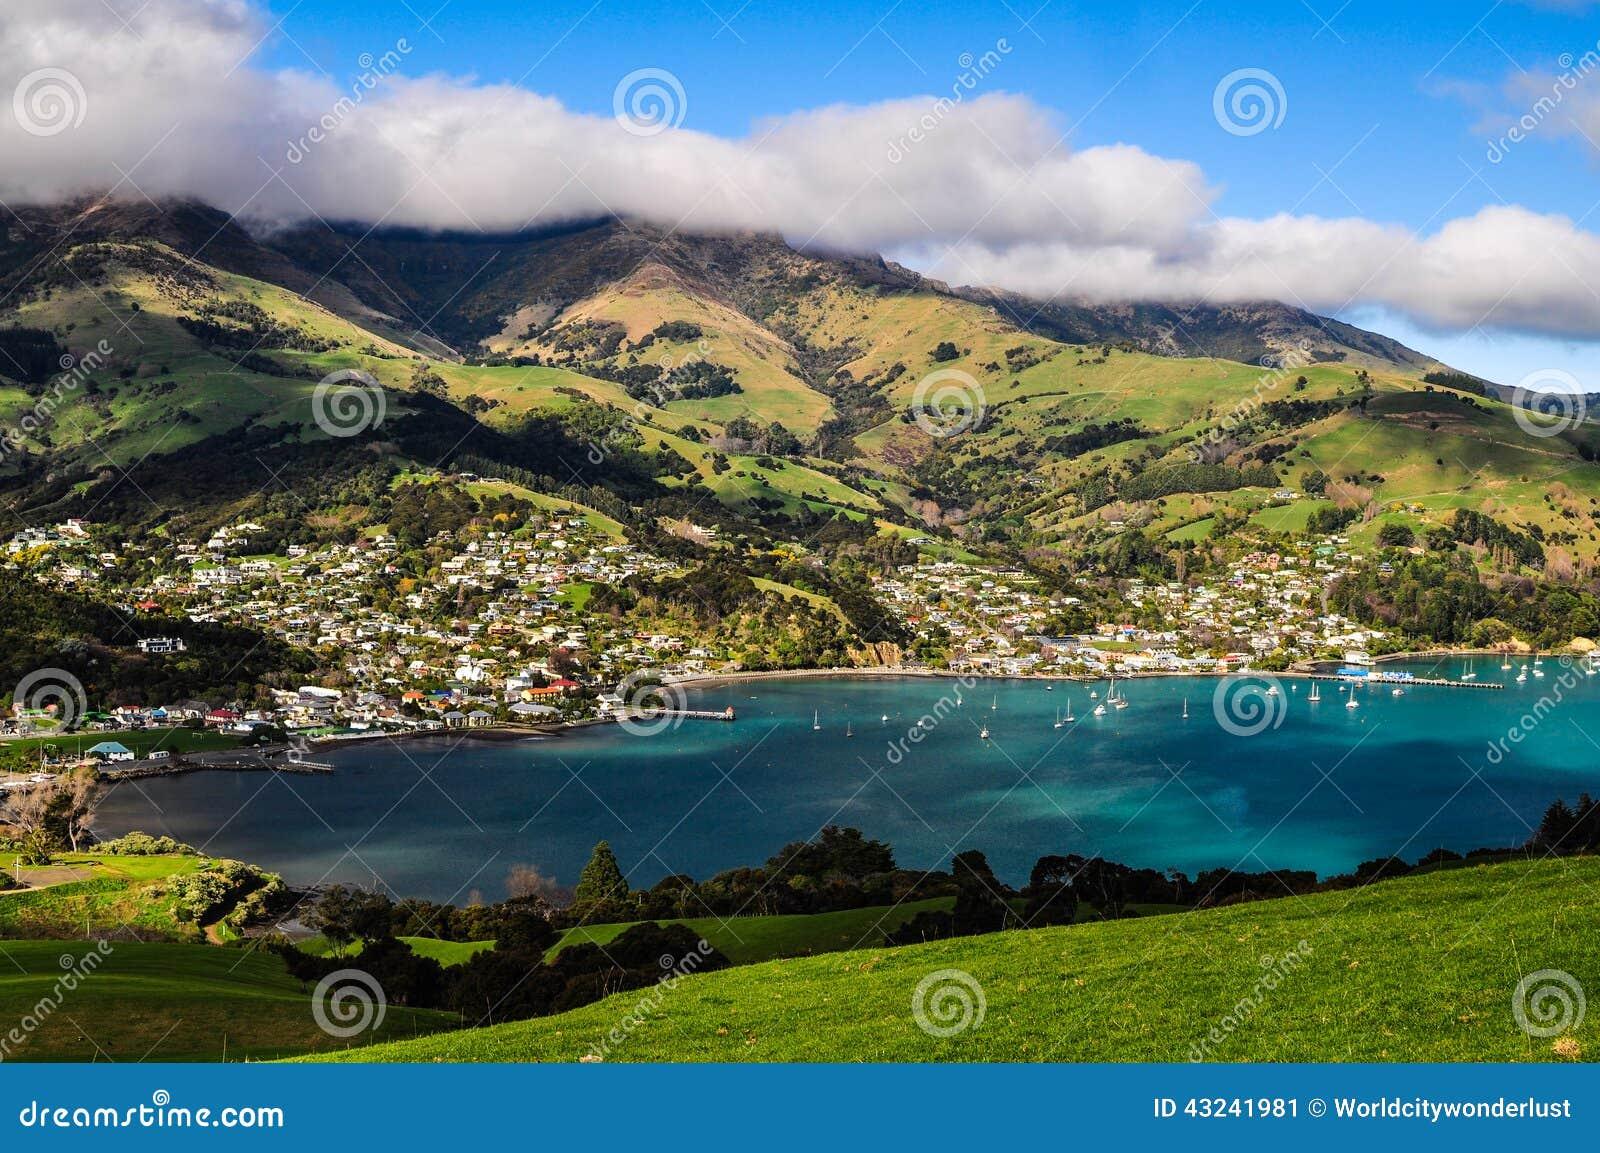 New Zealand Time Image: Akaroa, New Zealand Stock Photo